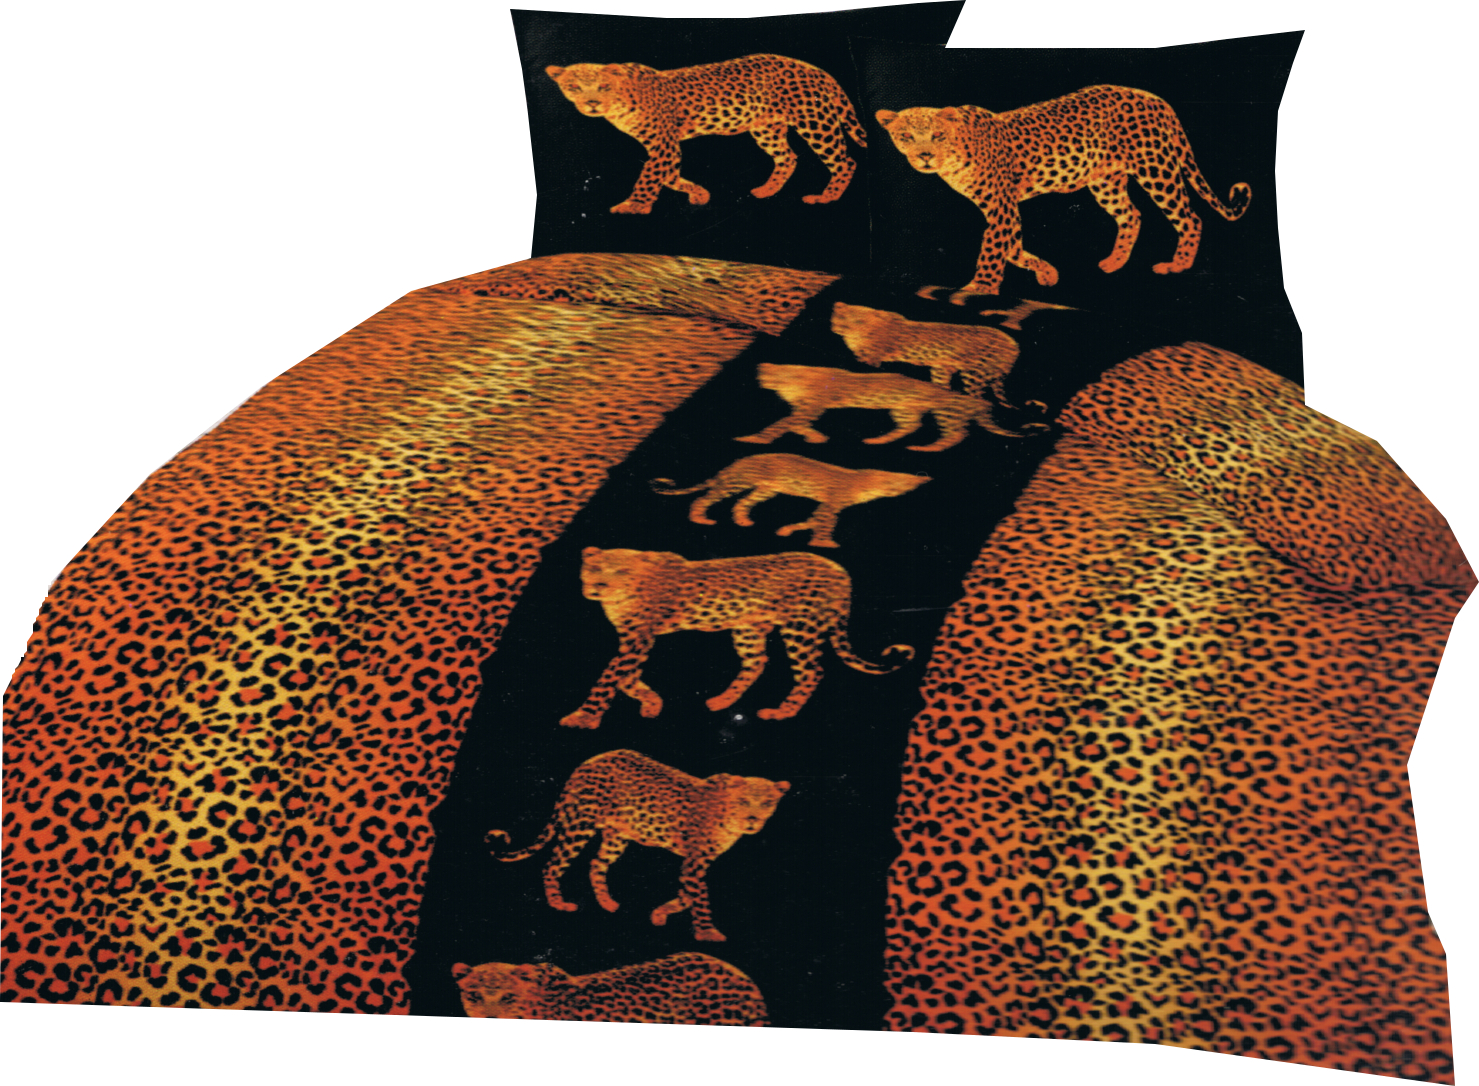 microfaser bettw sche set mit rv 135x200 155x220 200x200 2 tlg 3 tlg 4 tlg ebay. Black Bedroom Furniture Sets. Home Design Ideas